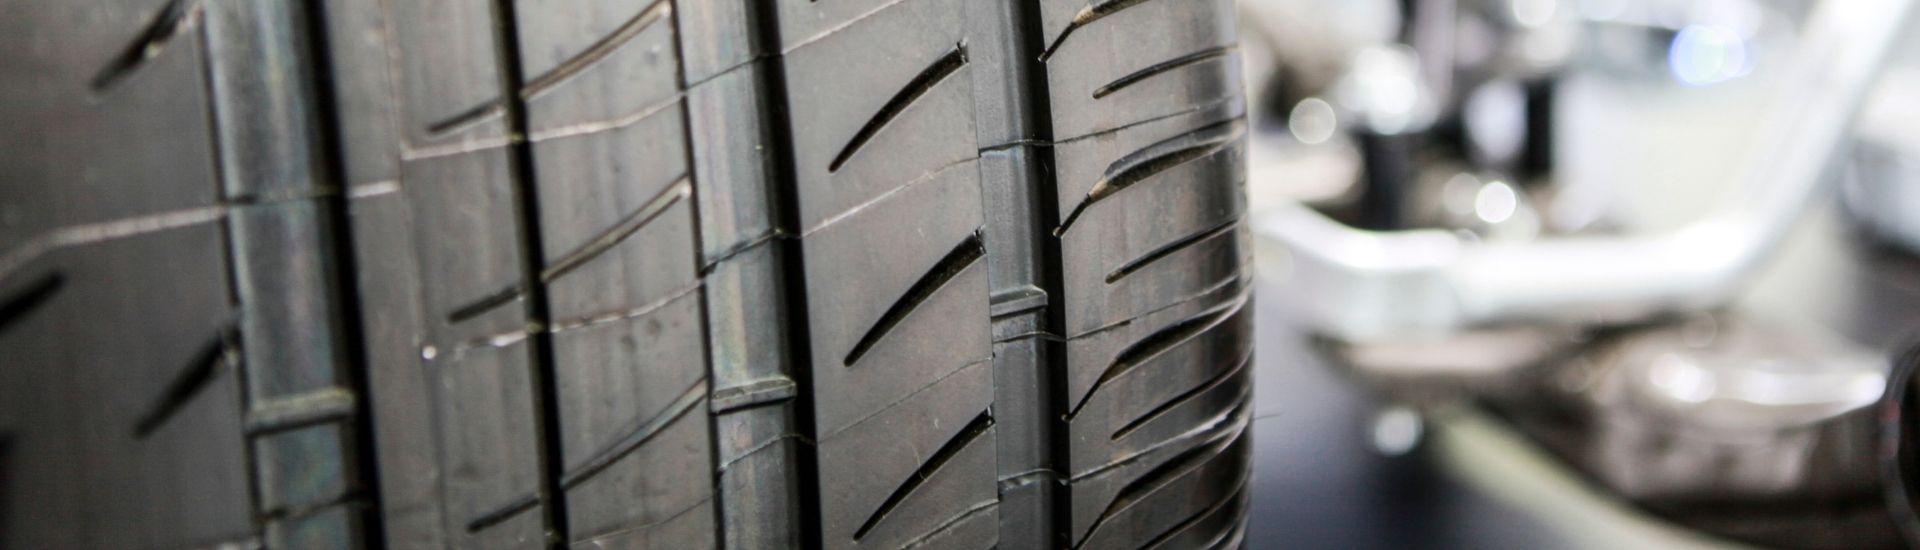 tyre showing tread wear indicators